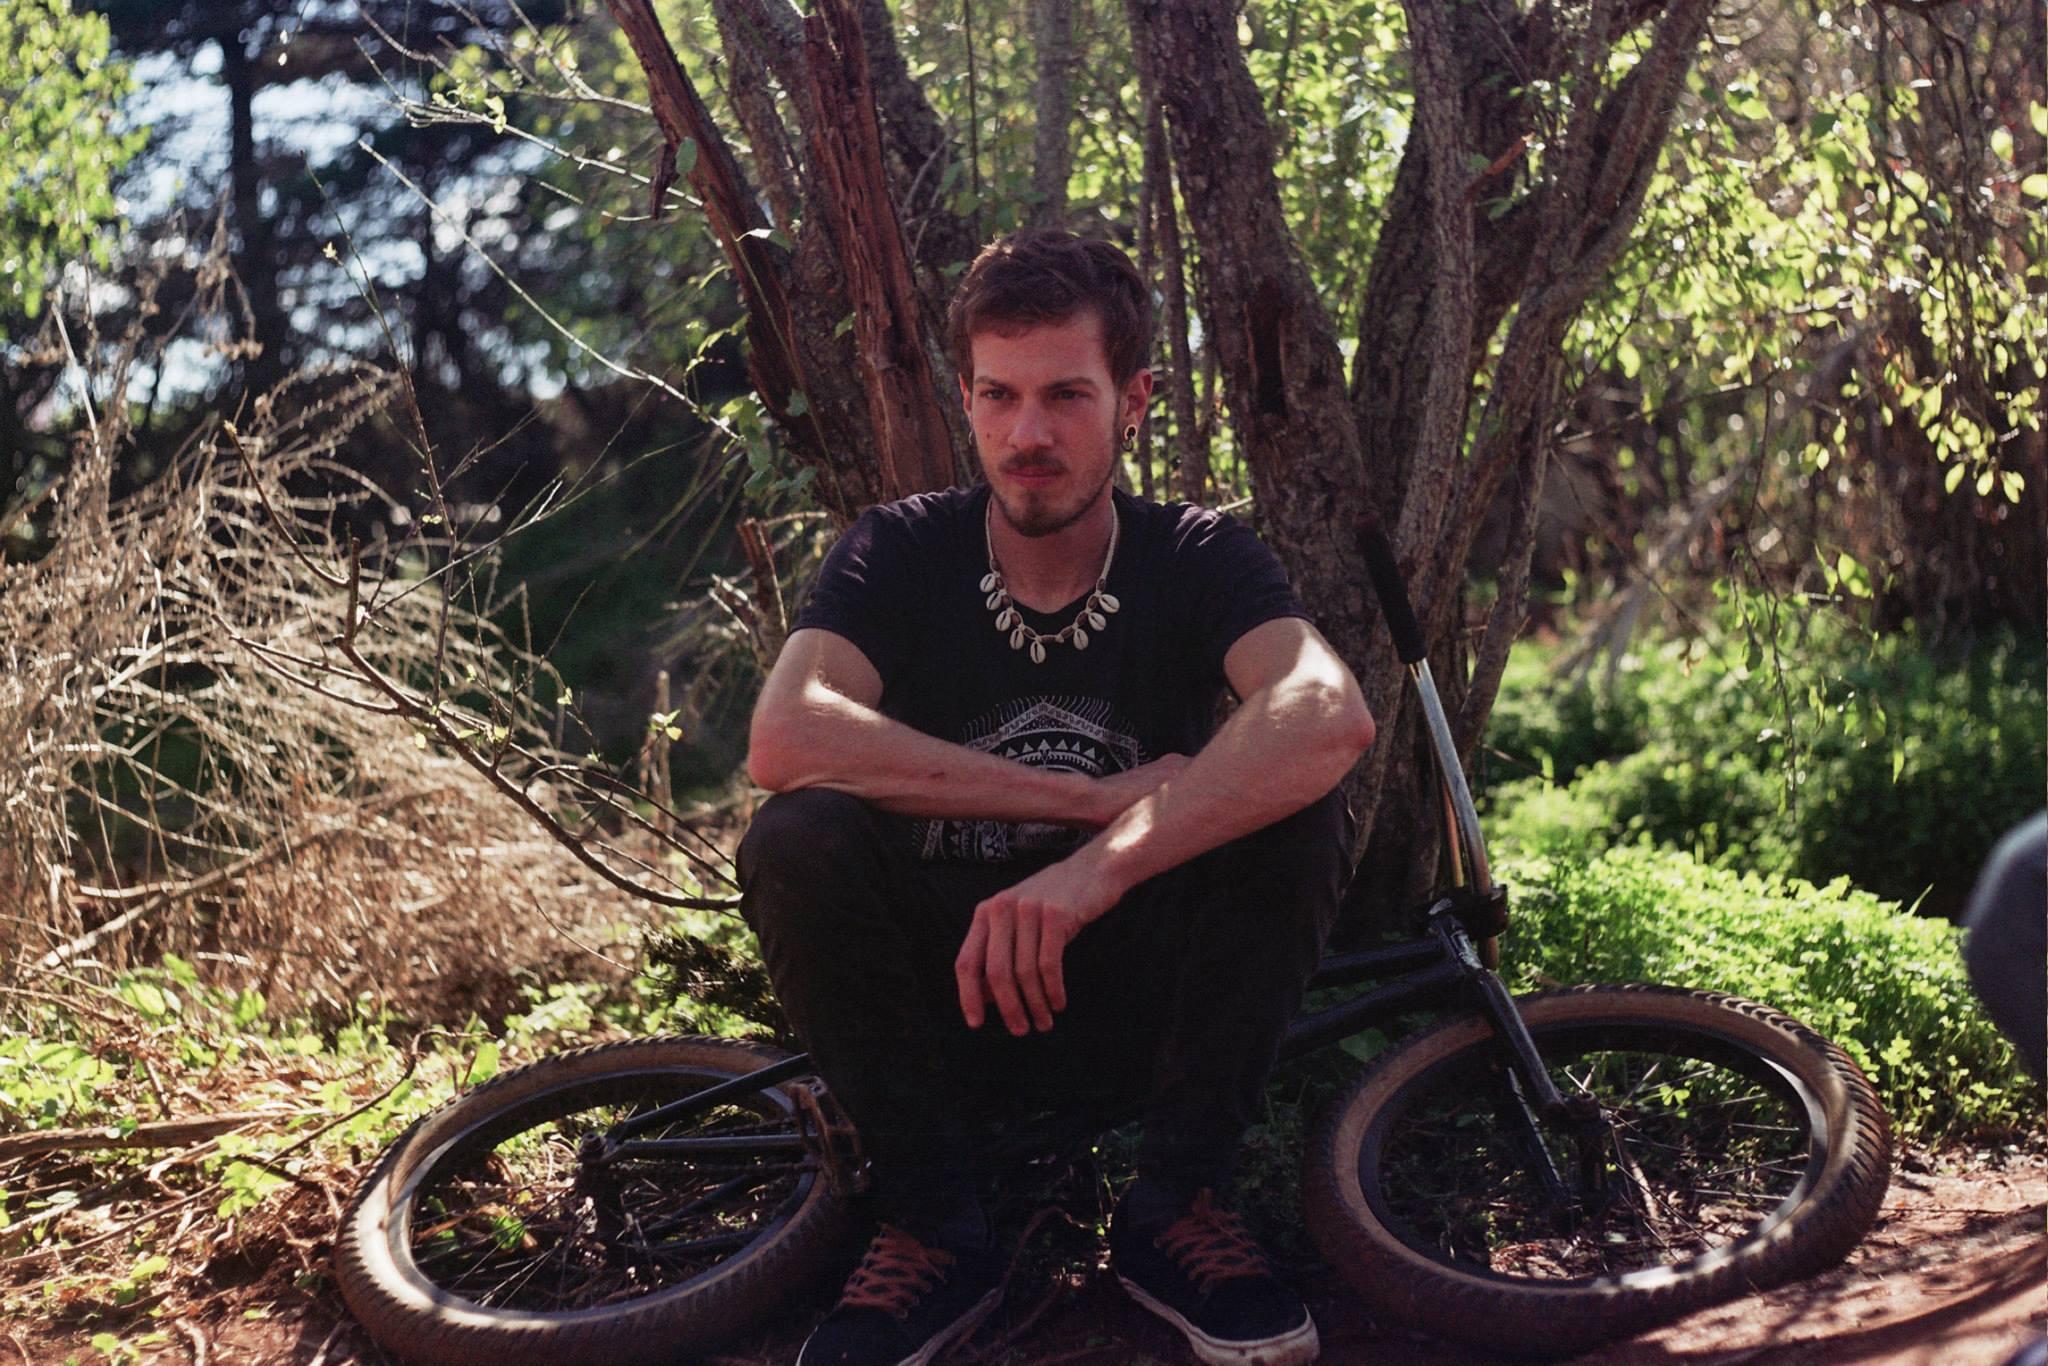 Chris Bouquet